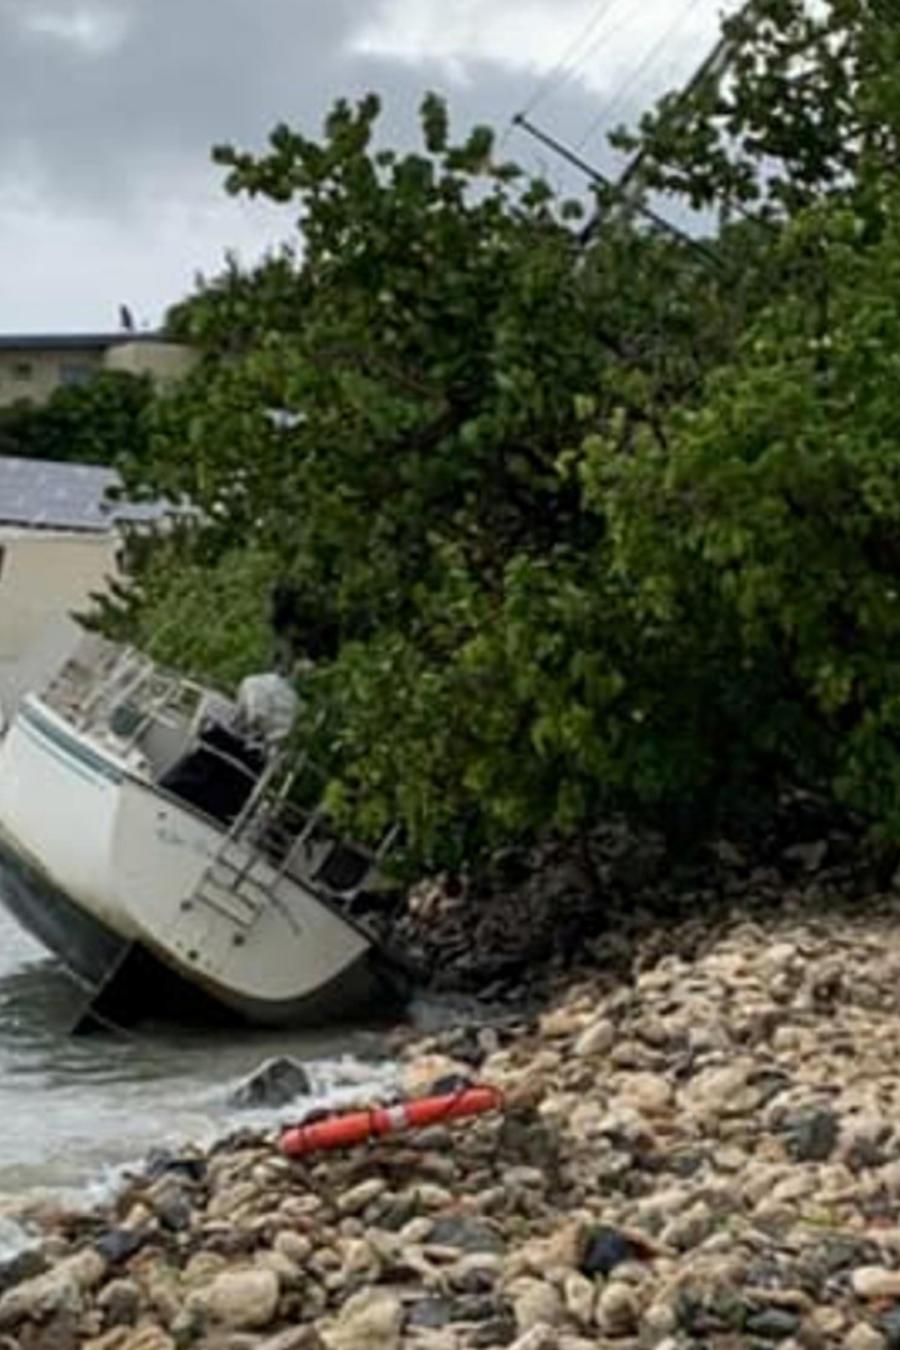 Barco en Puerto Rico afectado por la tormenta Dorian